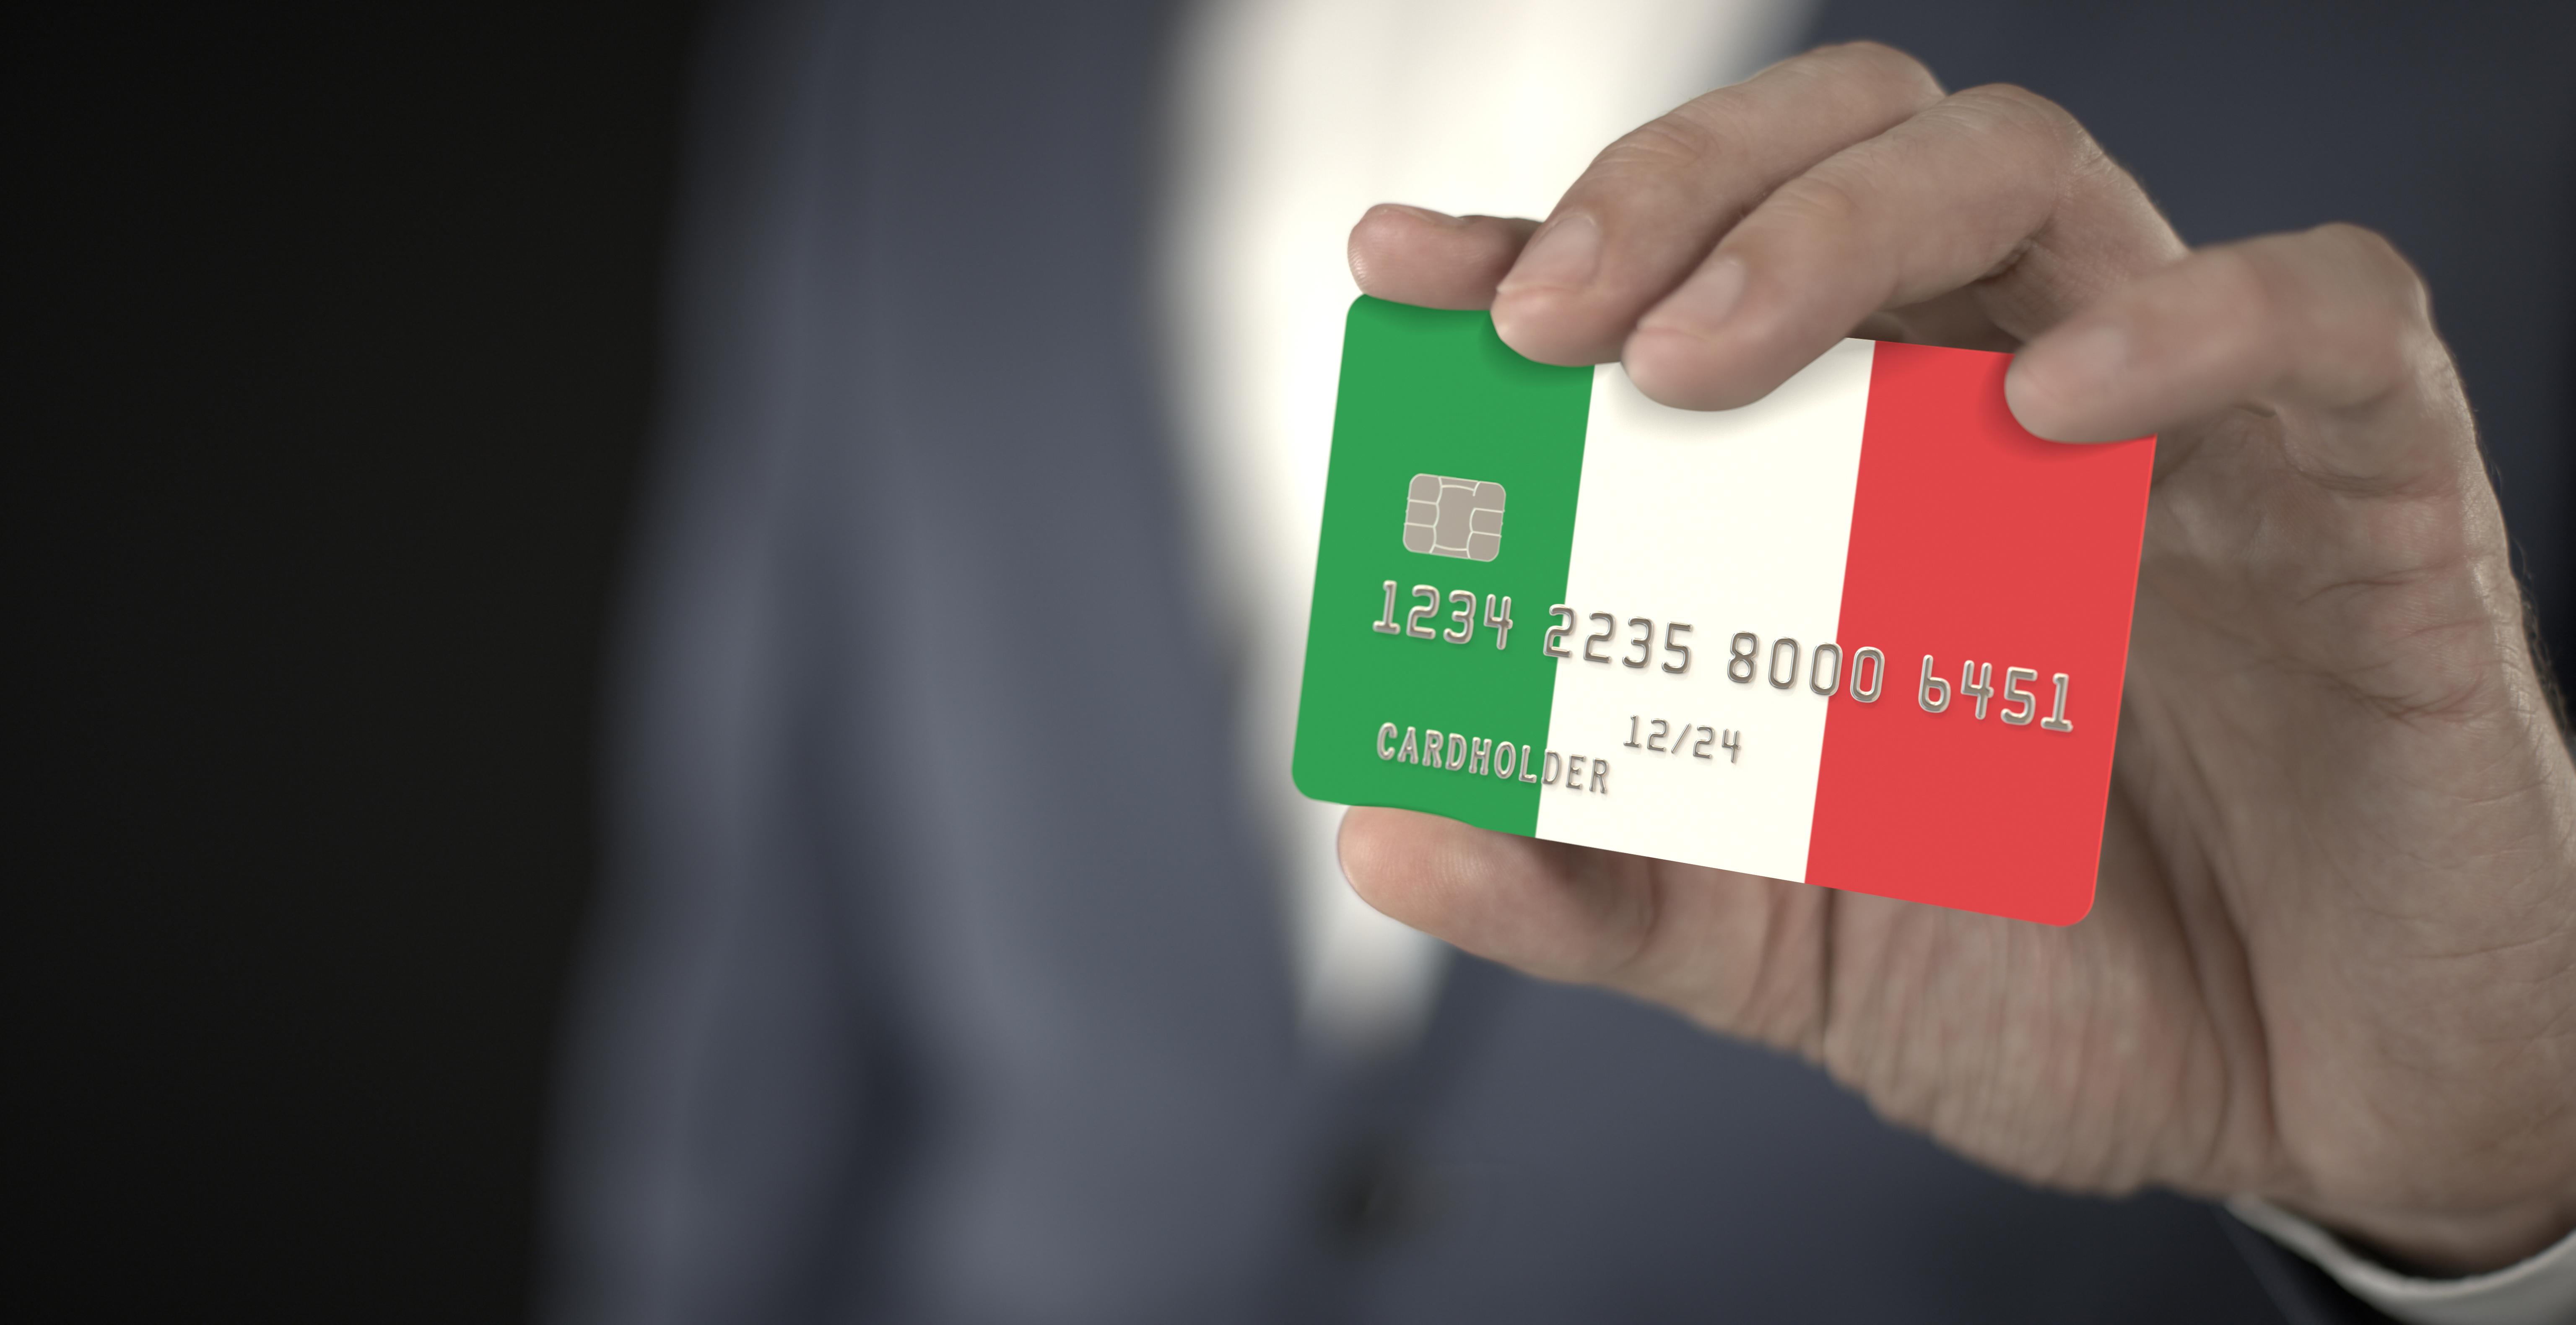 Бизнесмен с флагом Италии, где иностранцы могут открыть бизнес